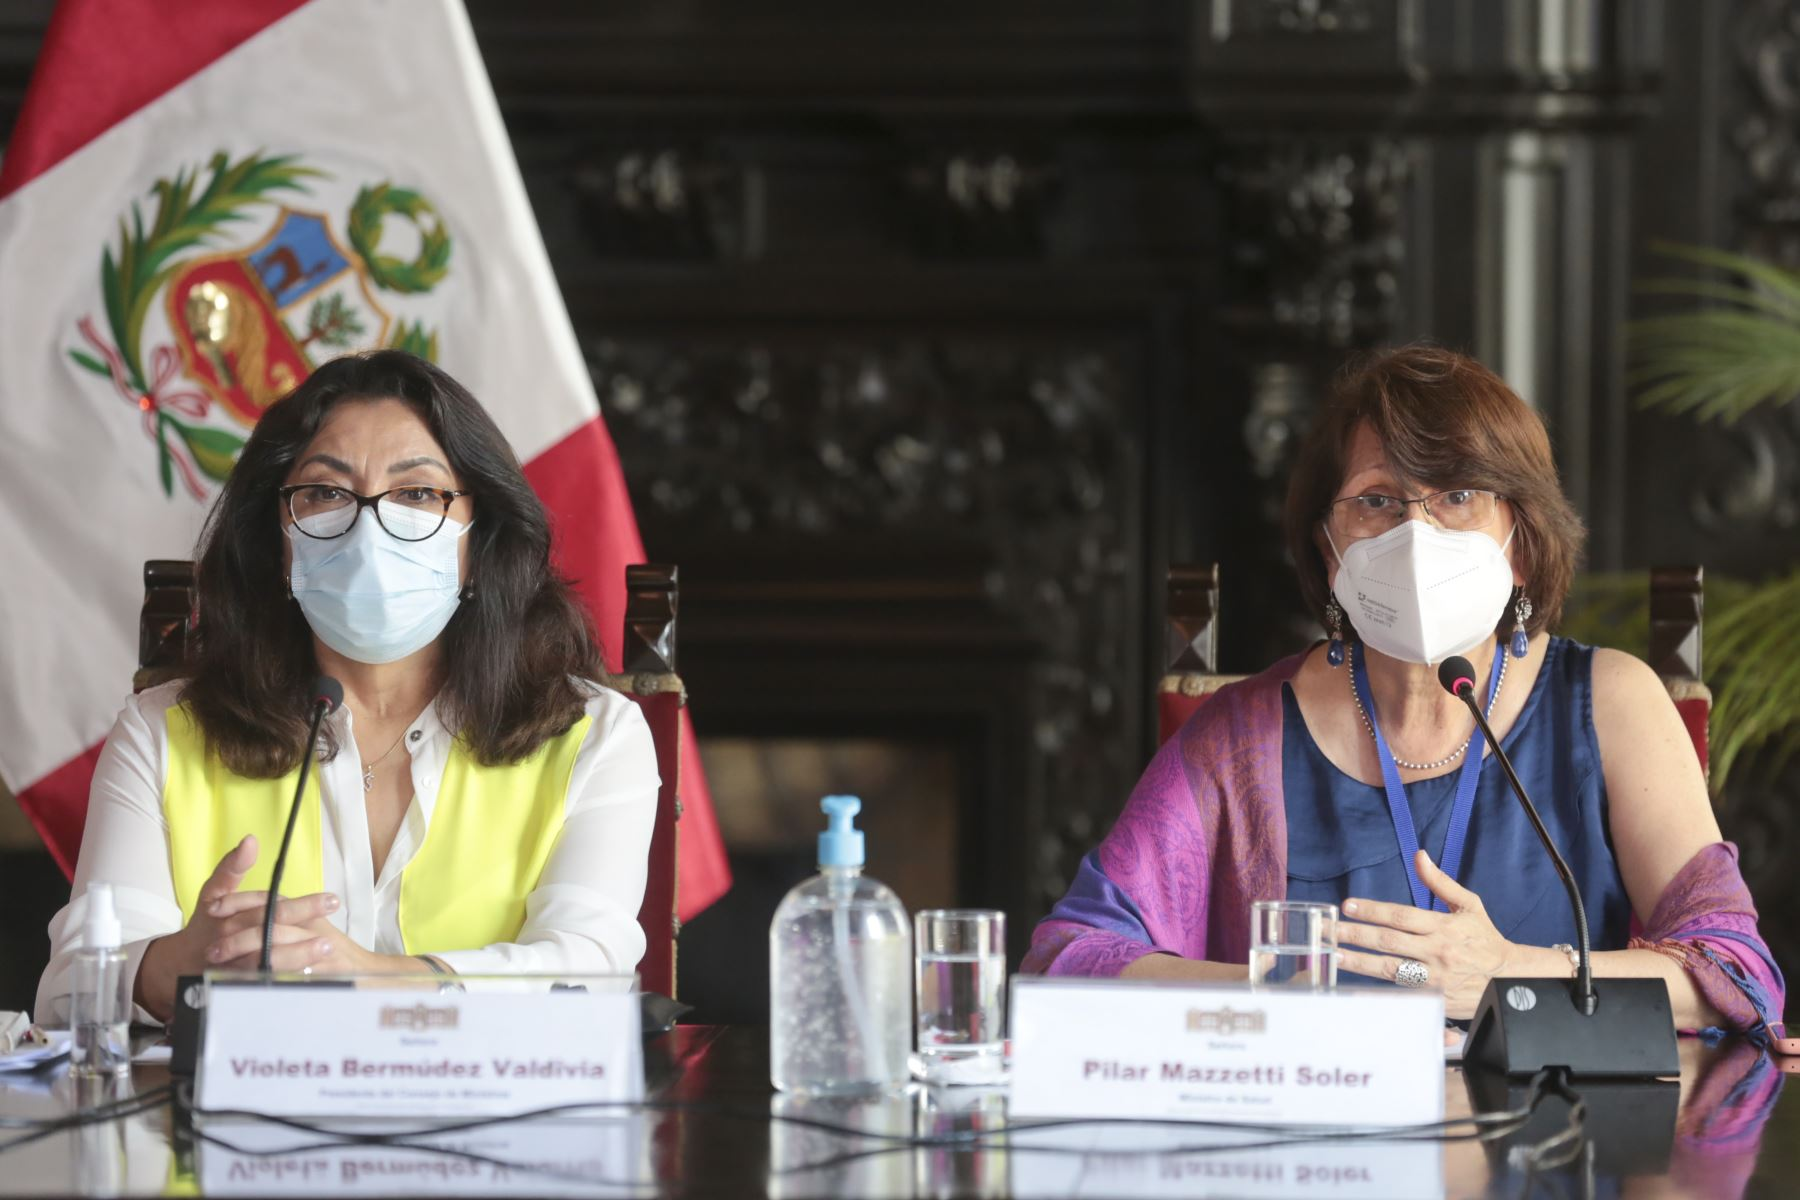 La presidenta del Consejo de Ministros, Violeta Bermúdez y la ministra de Salud, Pilar Mazzetti, brindan una conferencia de prensa  para detallar las medidas implementadas por el gobierno de transición y emergencia ante la pandemia. Foto: PCM